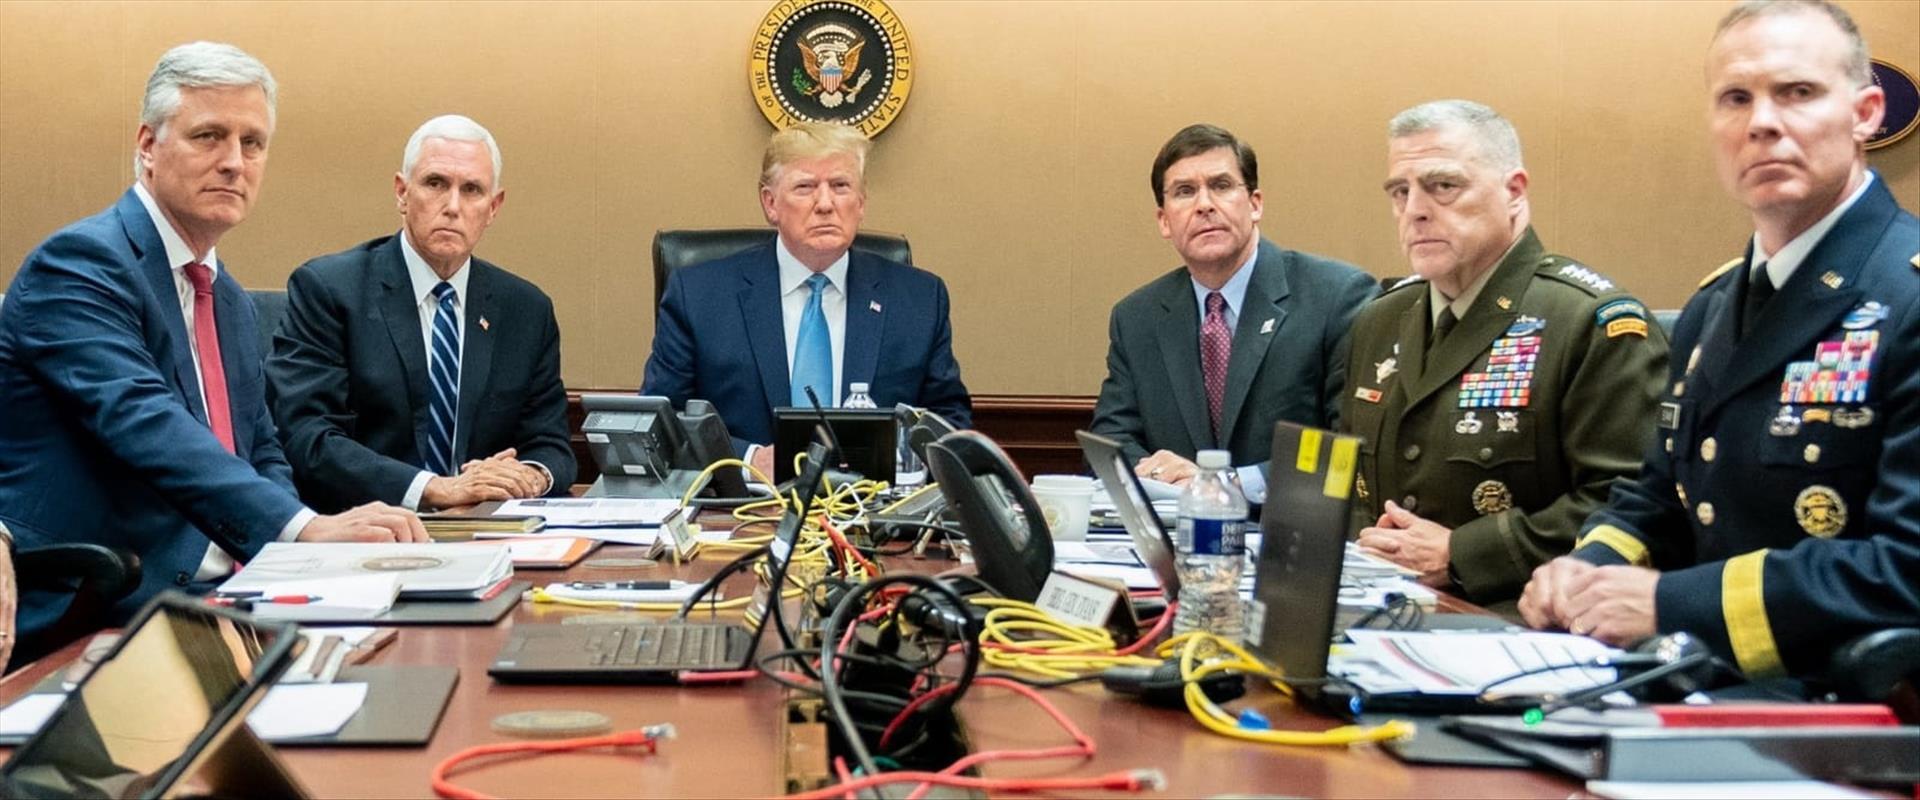 טראמפ, פנס וצוותם צופים בחיסול מנהגי דאעש